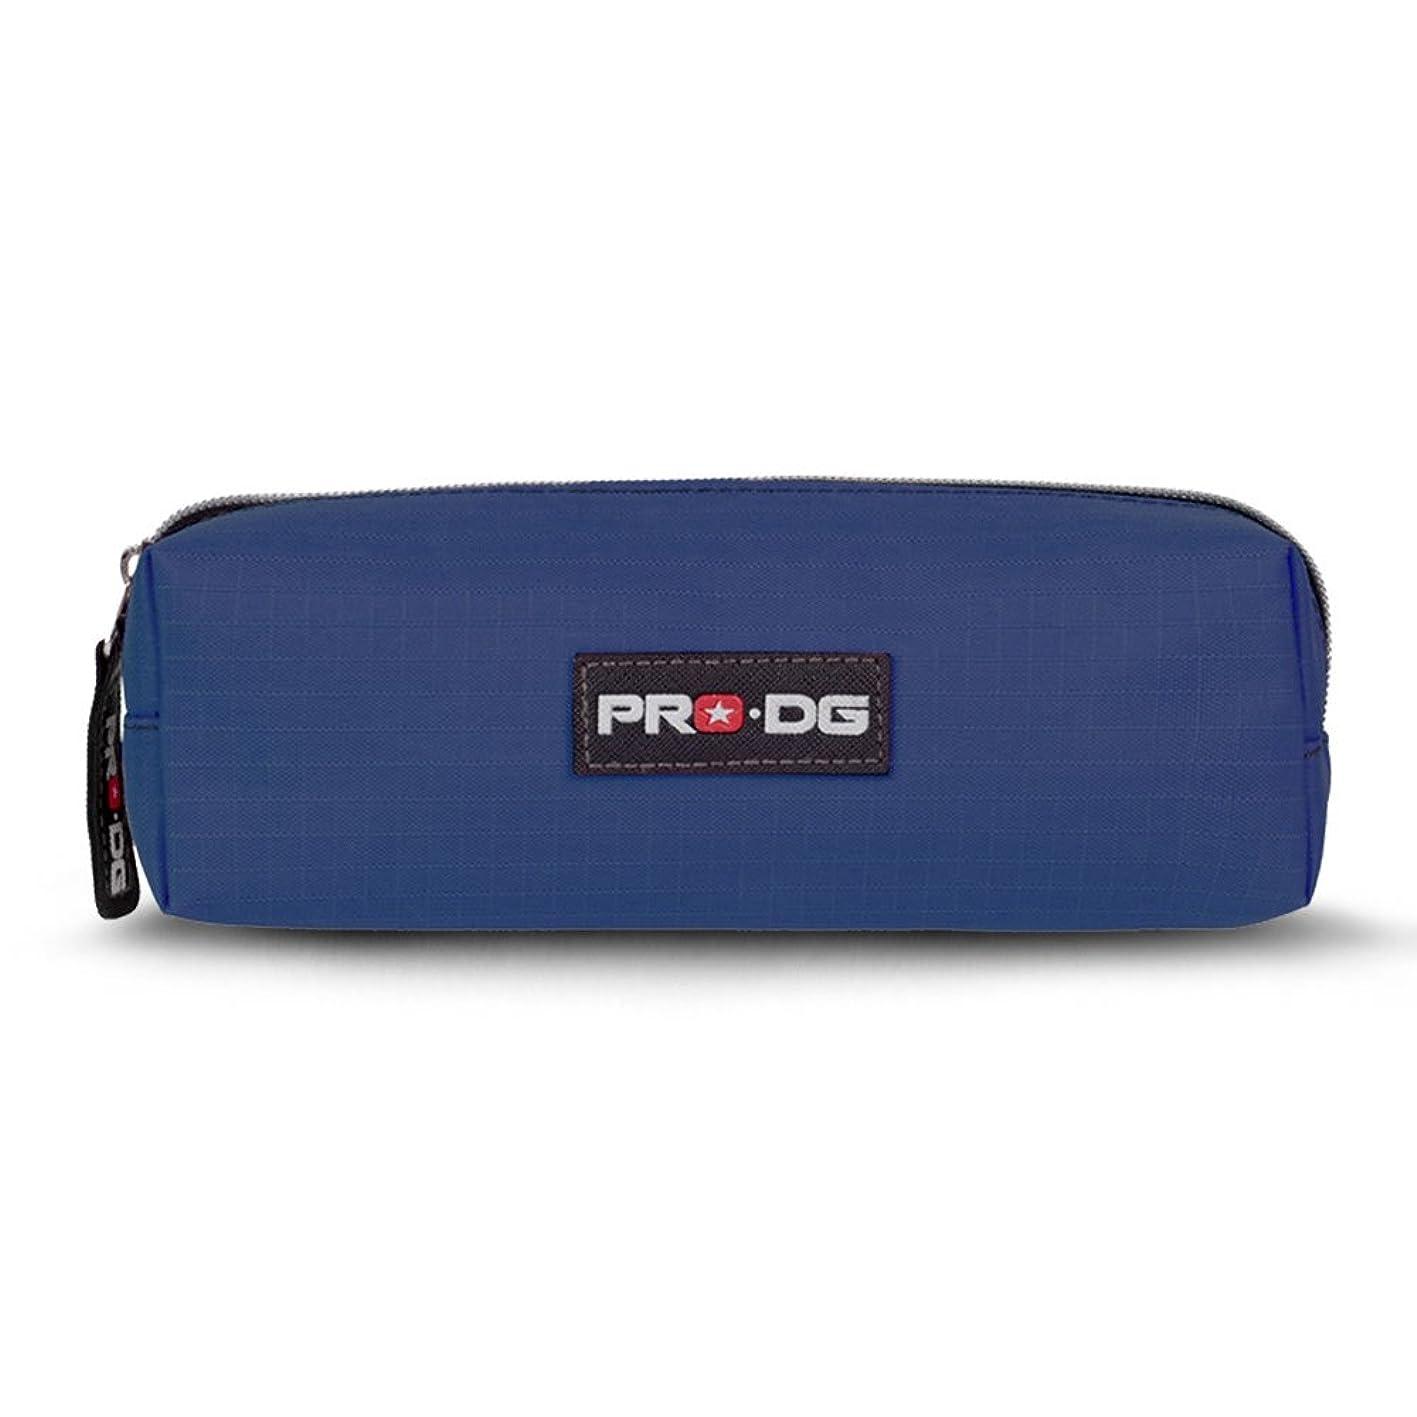 BRANDS PRO-DG Pro DG Blue pencil case knlgarbescg742